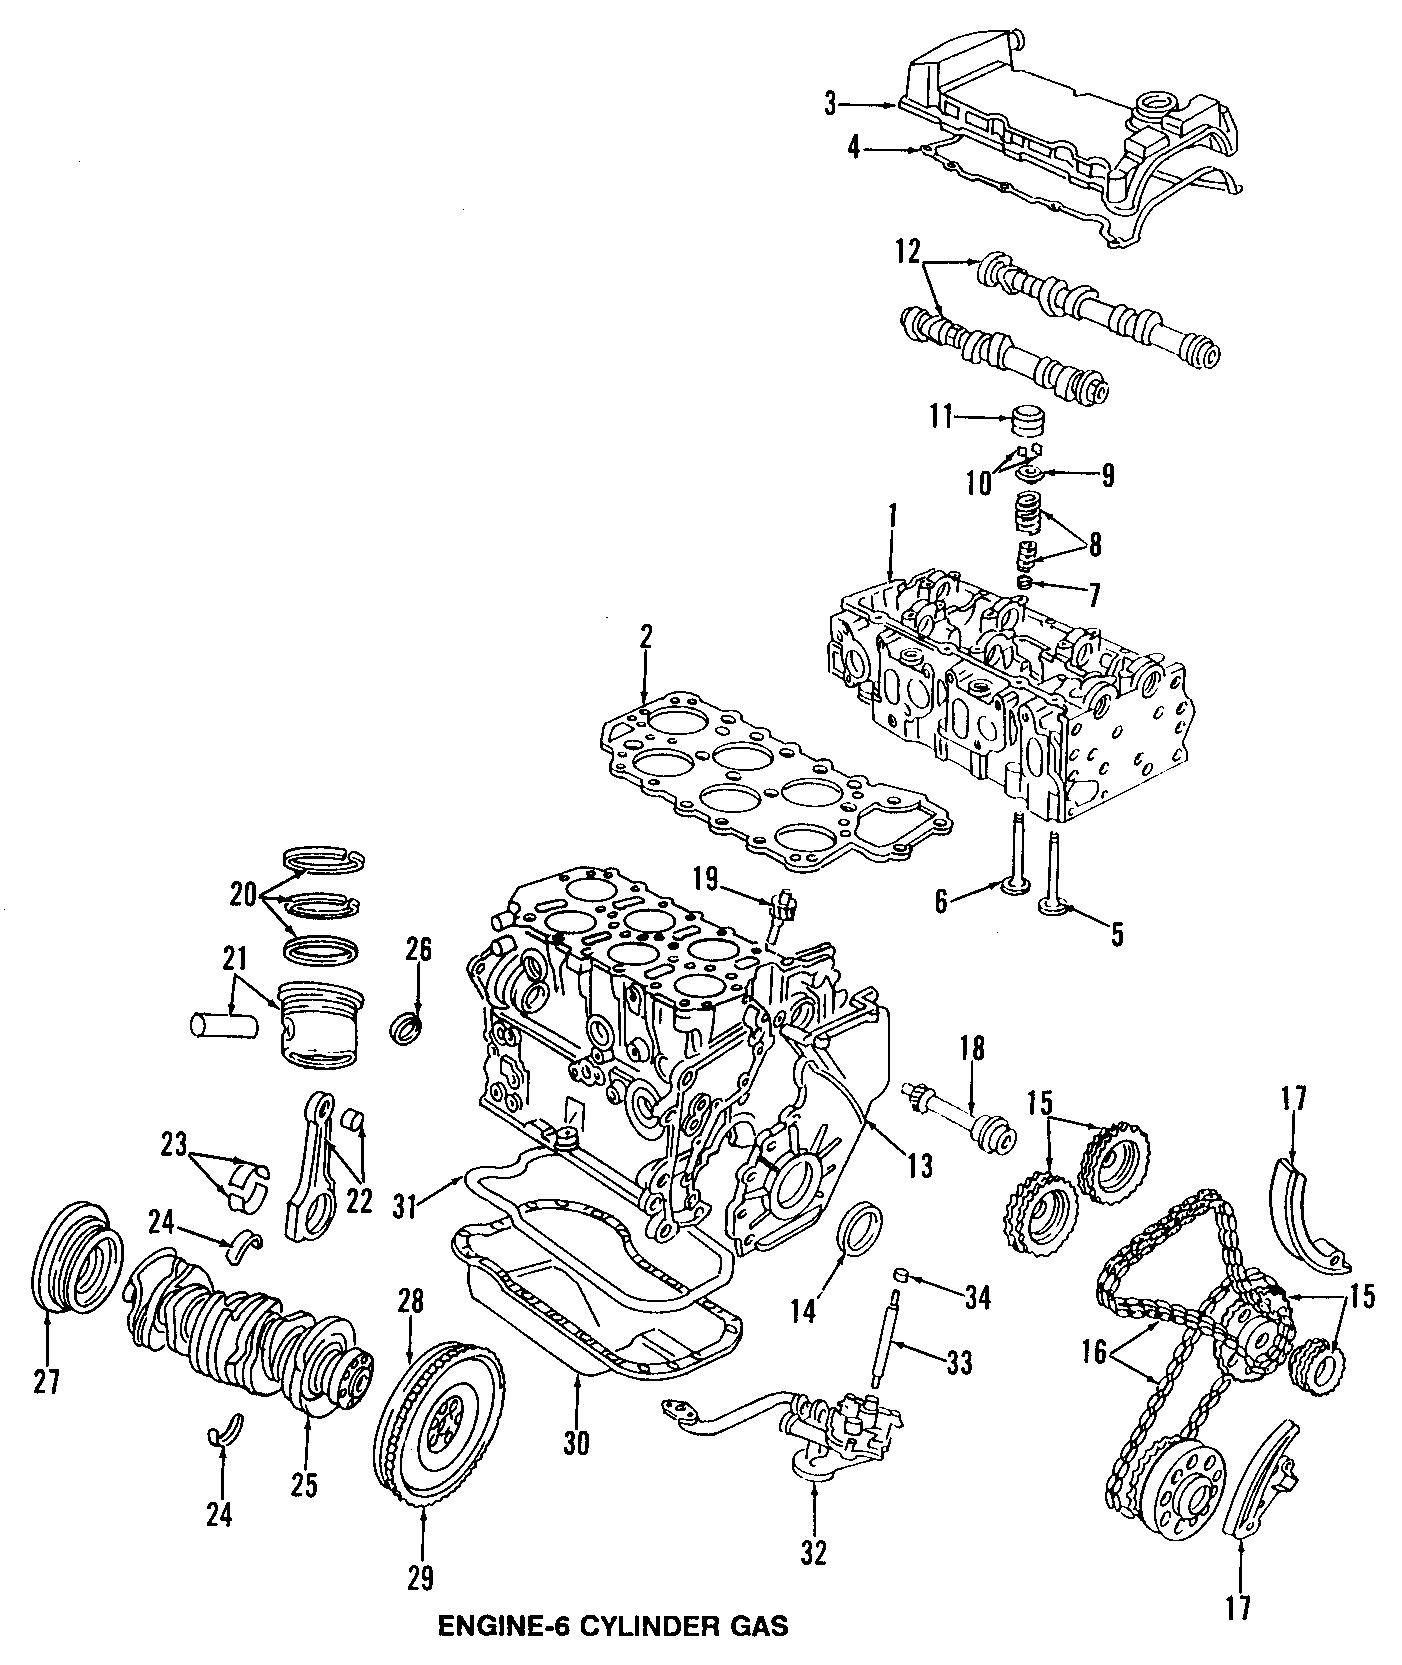 Volkswagen Golf Engine Crankshaft Pulley Liter Cylinder